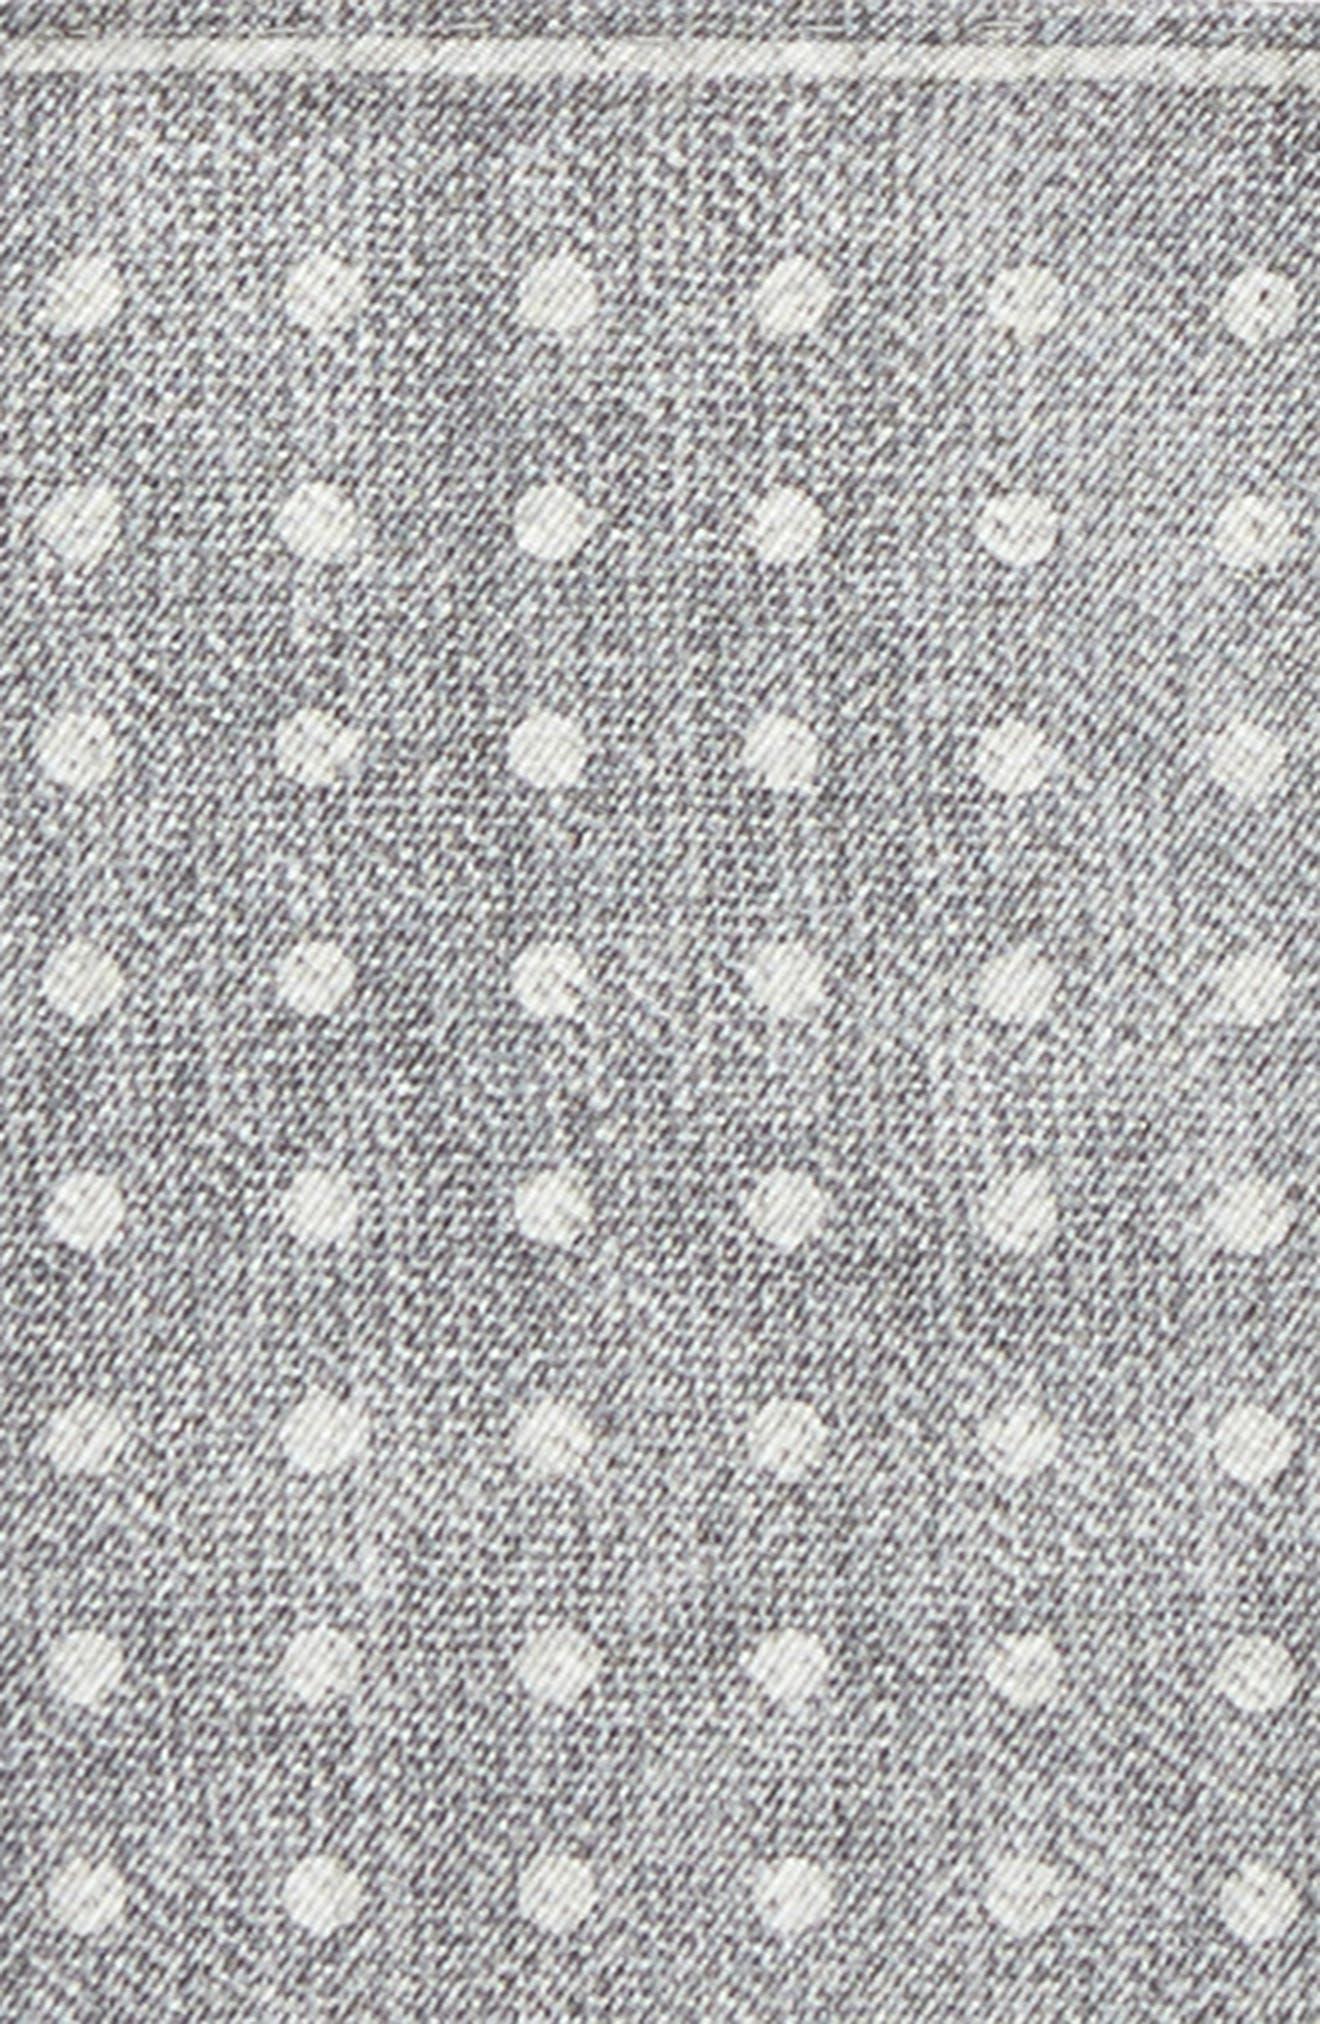 Dot Silk Pocket Square,                             Alternate thumbnail 3, color,                             020